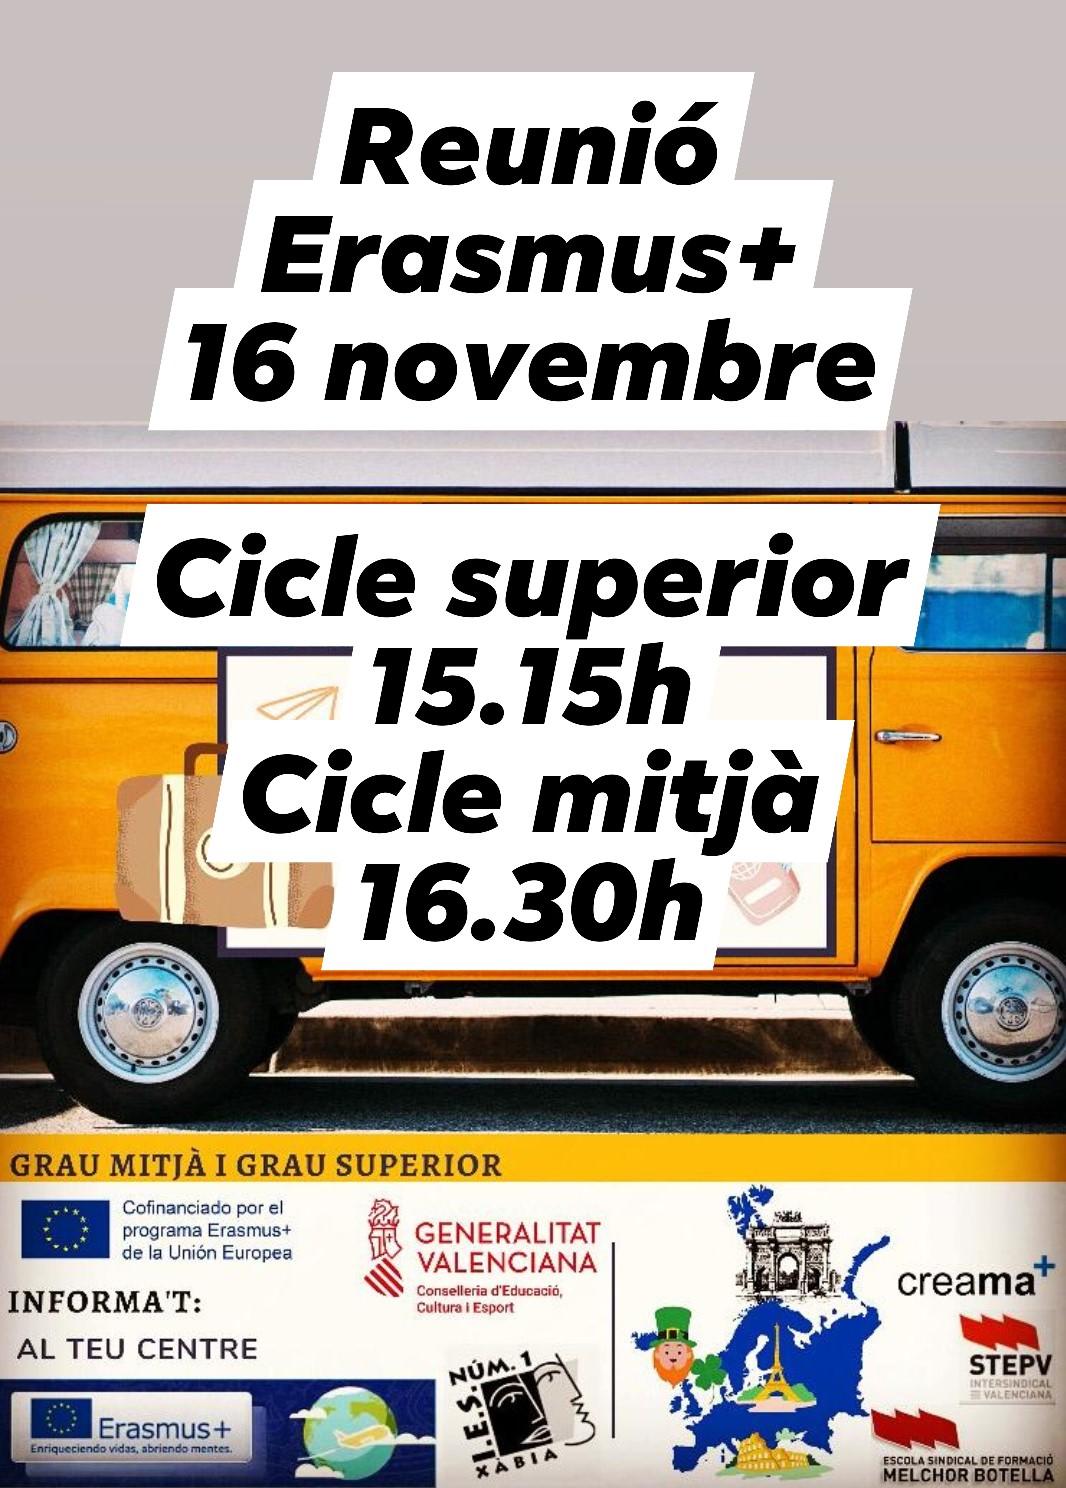 Reunió Erasmus